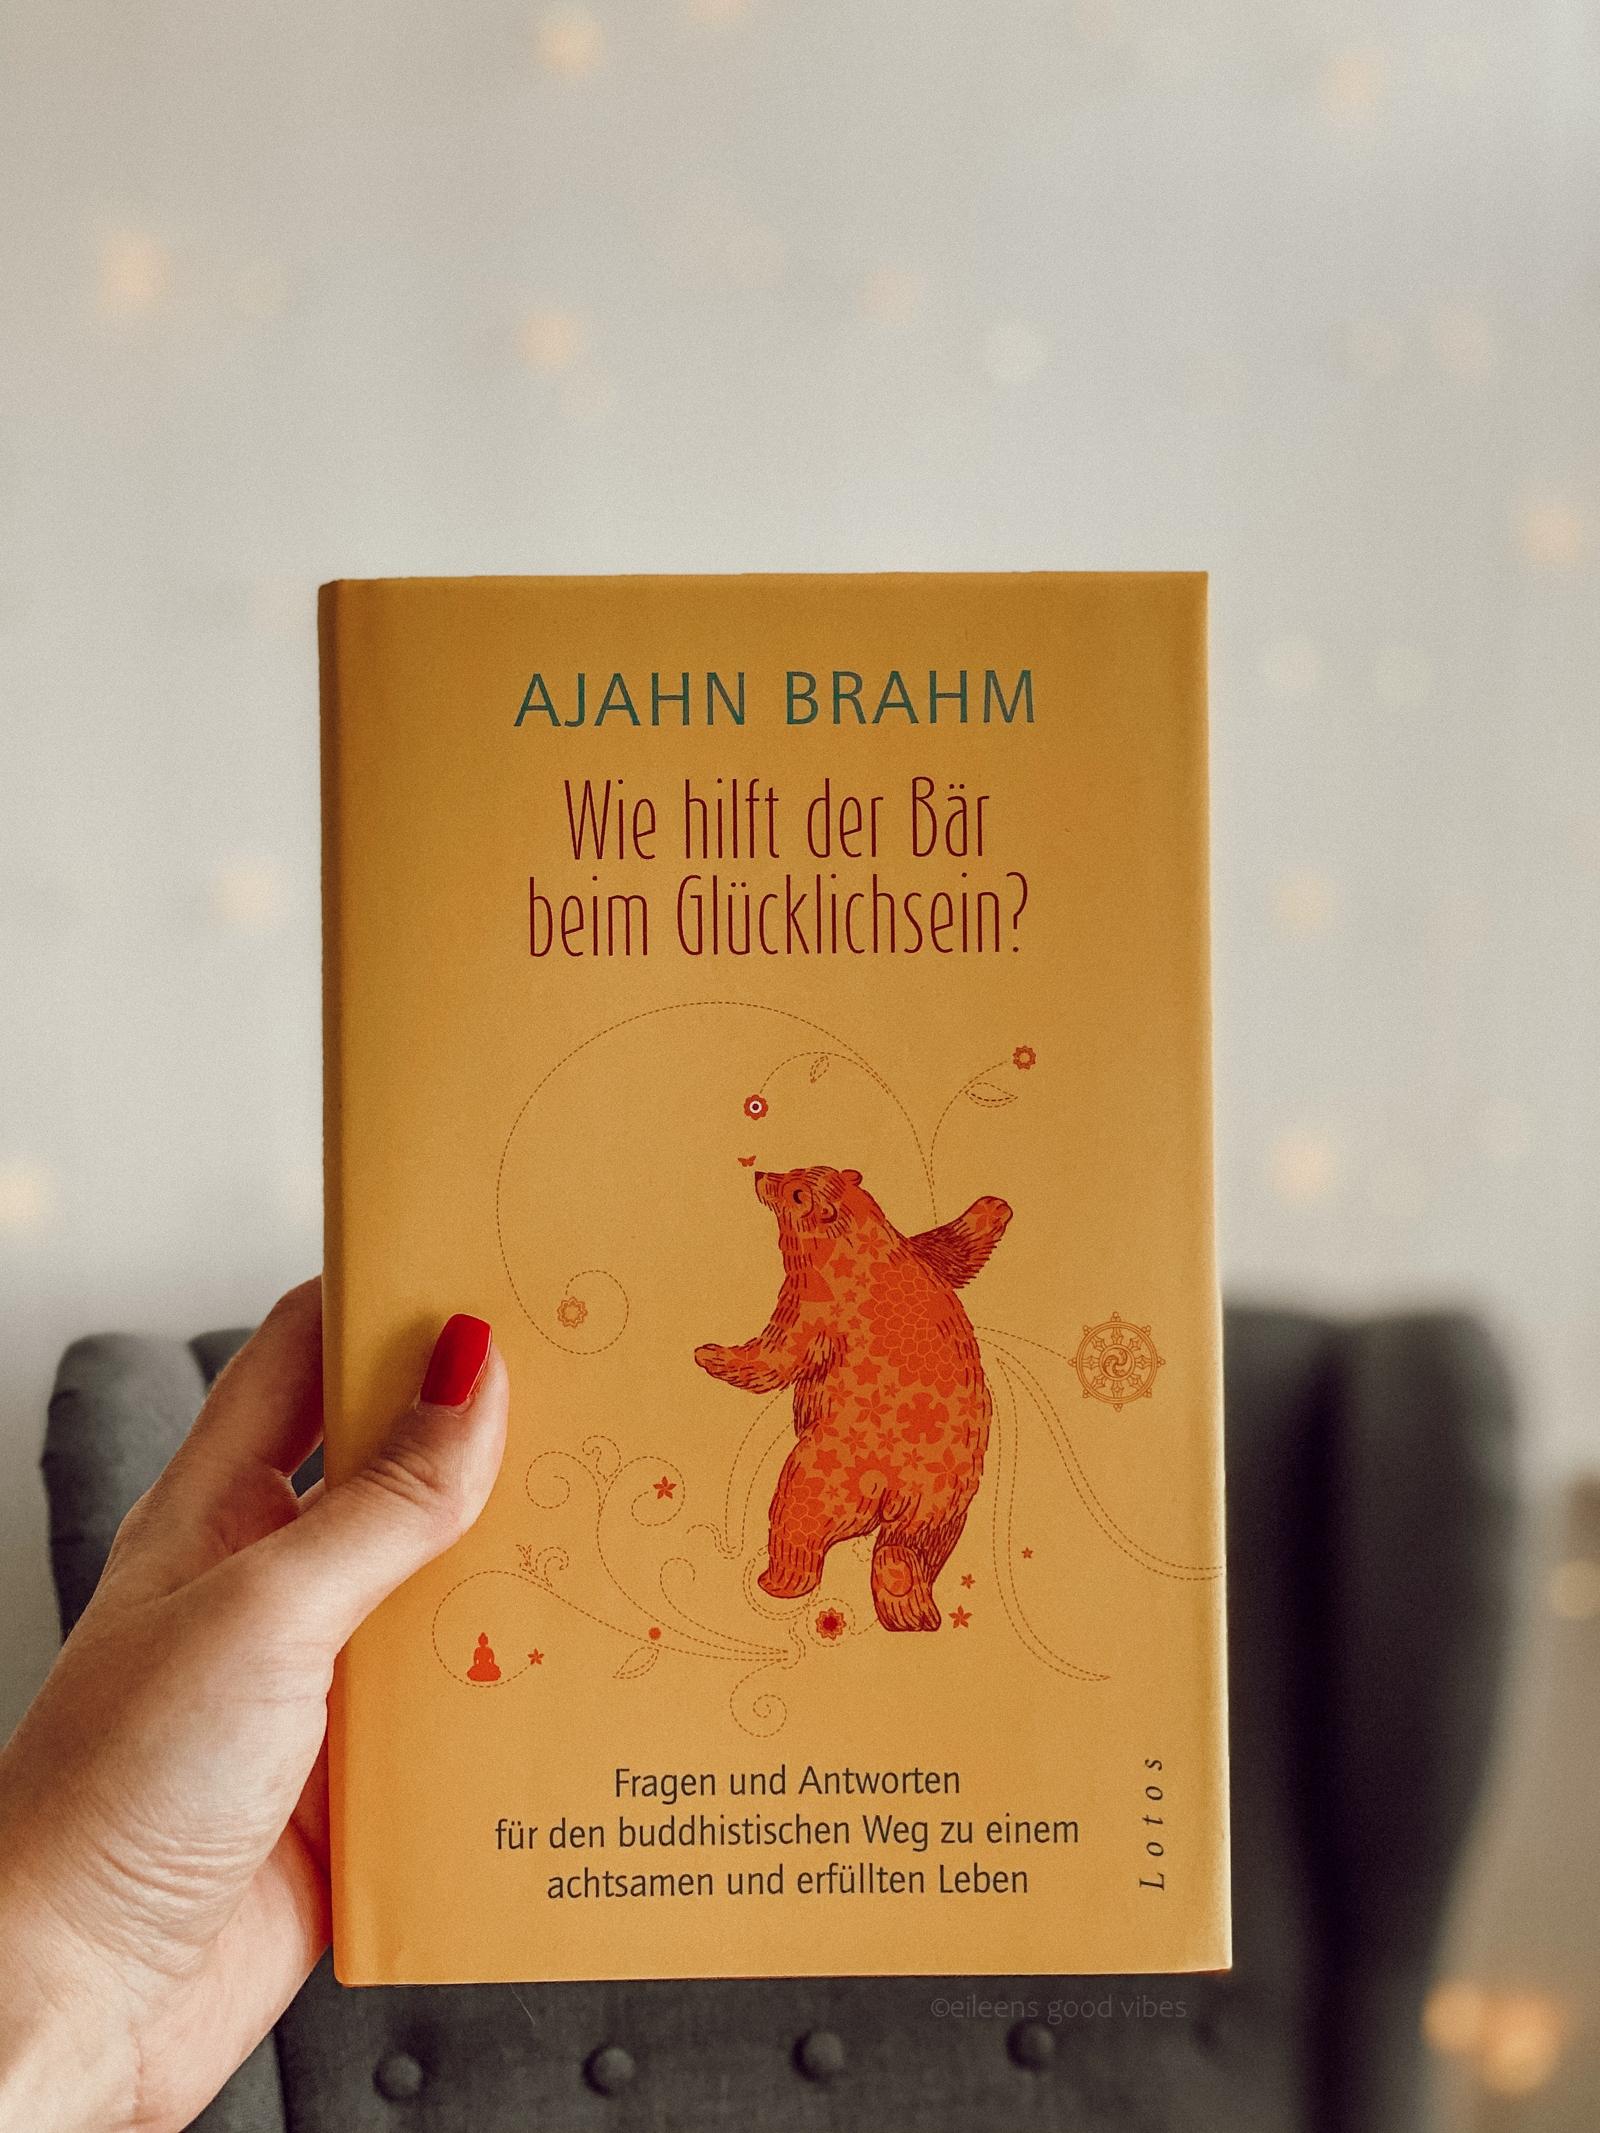 Achtsames Leben, Buch wie hilft der Bär beim Glücklichsein vor einer Lichterkette und einem Lesesessel